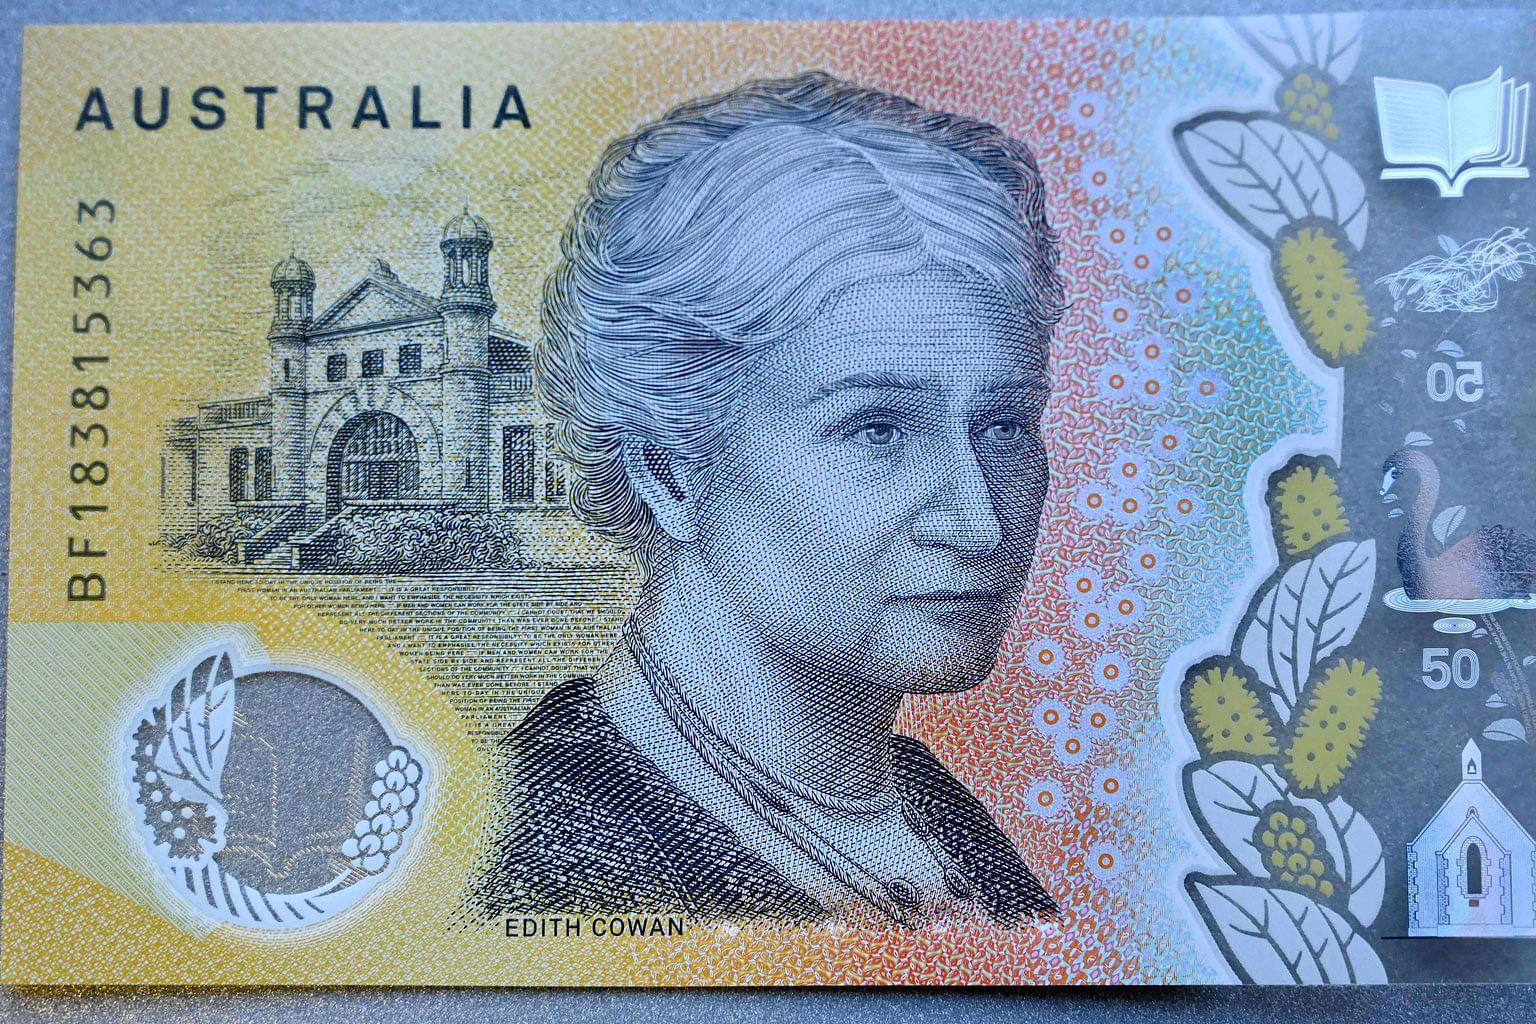 Singdollar Rises To 4 Month High Against Aussie Dollar